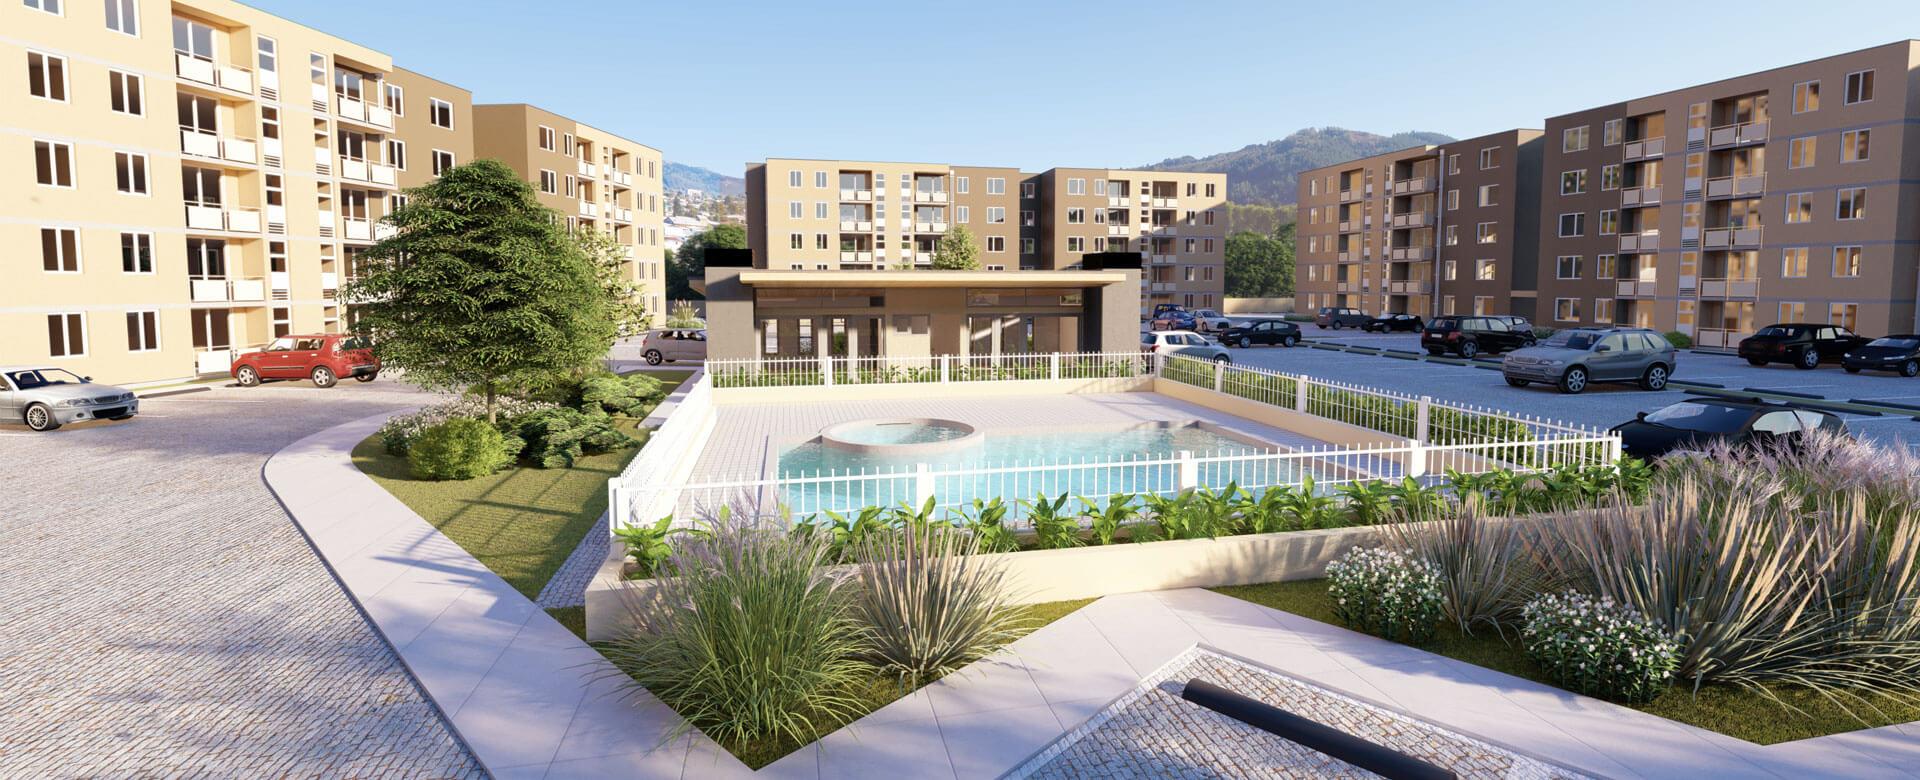 Condominio-Parque-Oriente-slider01